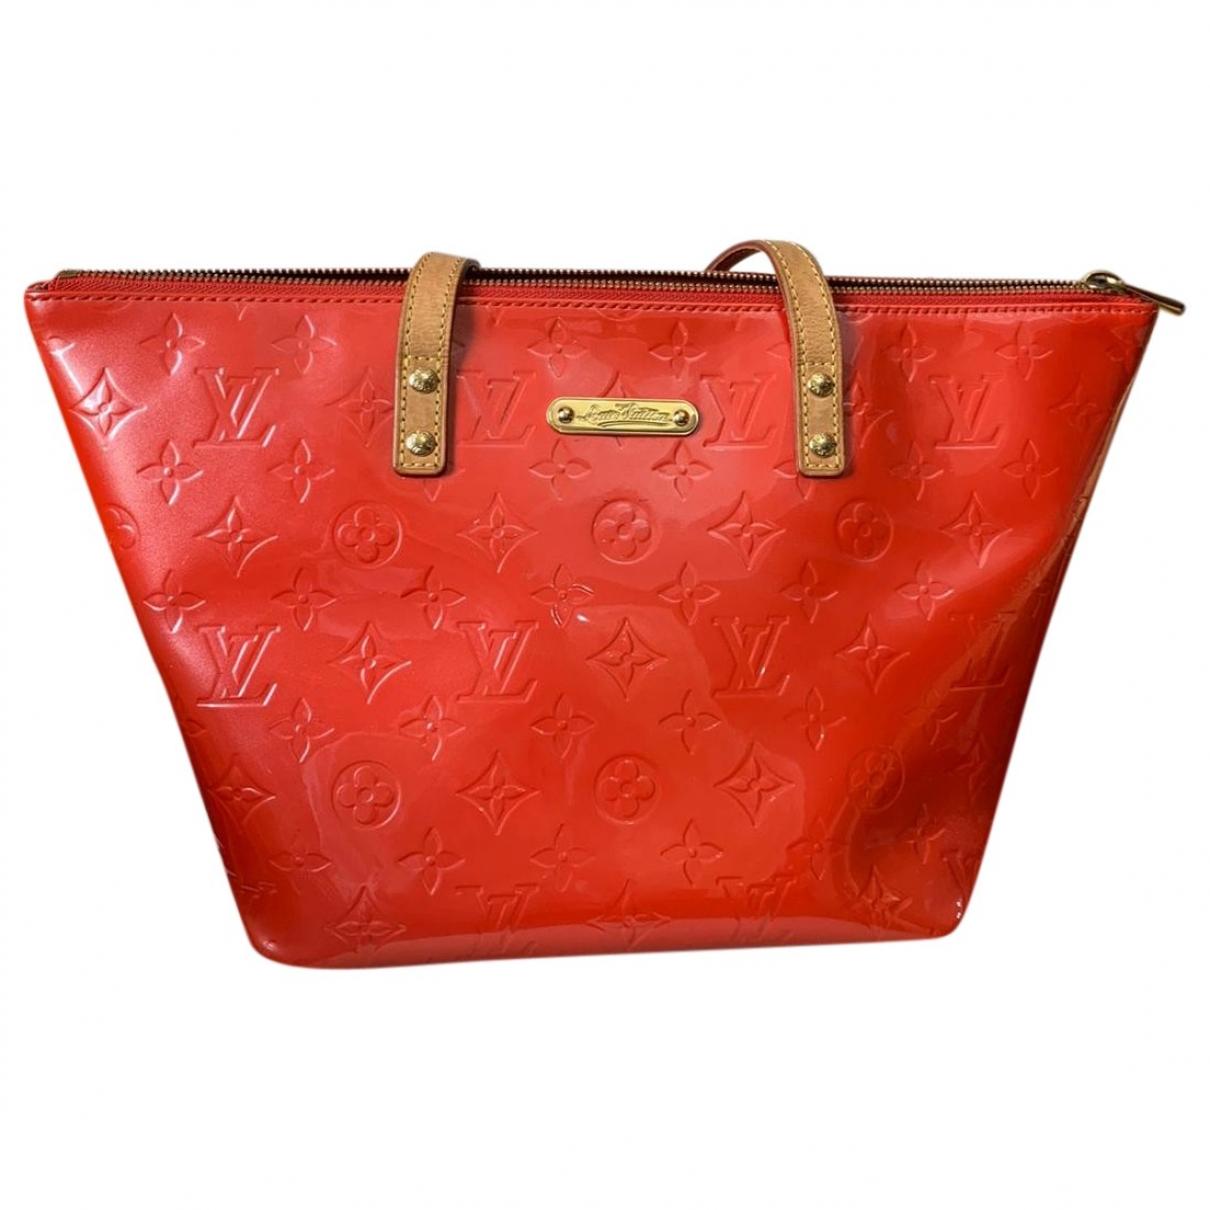 Louis Vuitton - Sac a main Bellevue pour femme en cuir verni - orange